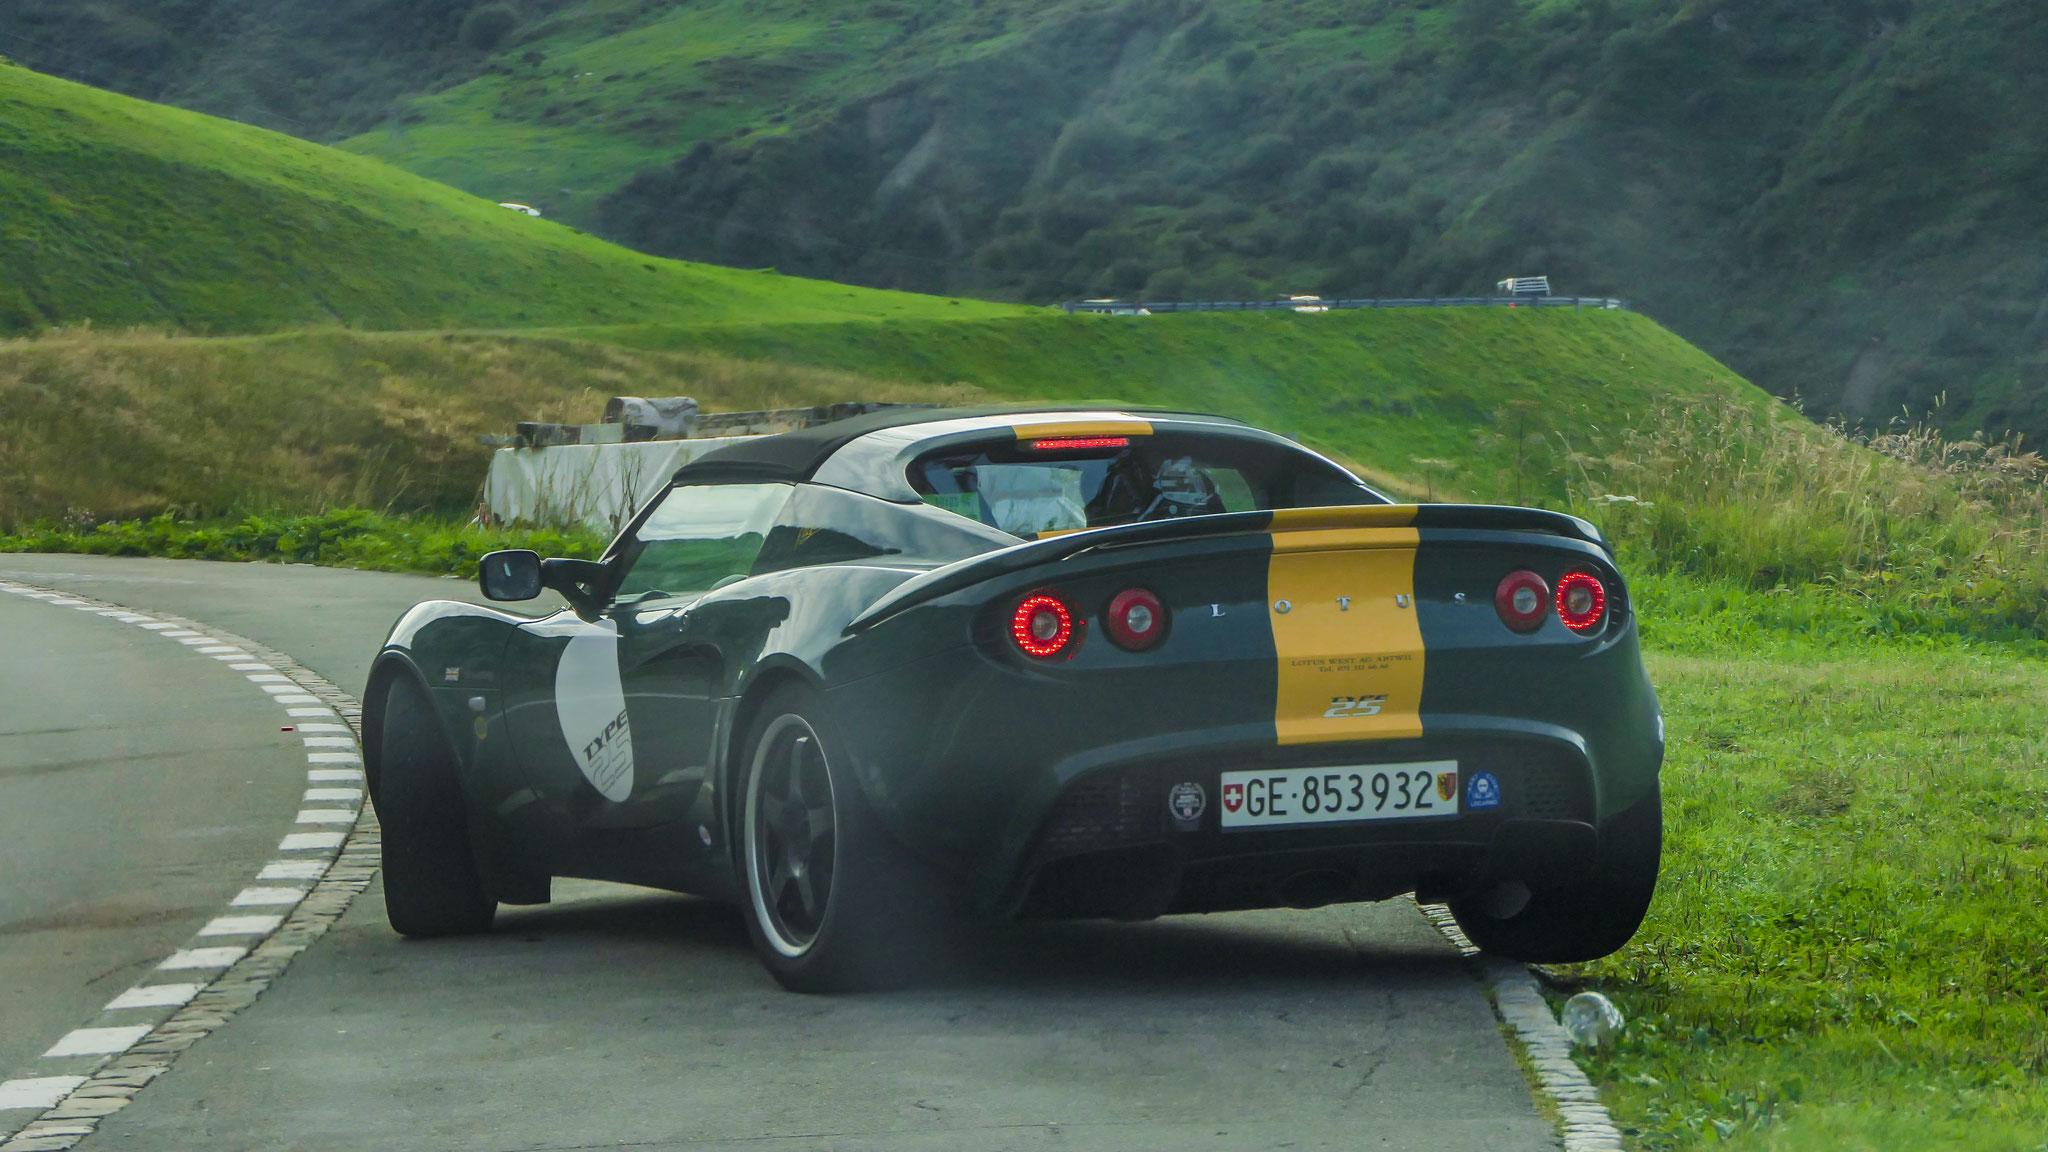 Lotus Elise S2 Type 25 - GE-853932 (CH)